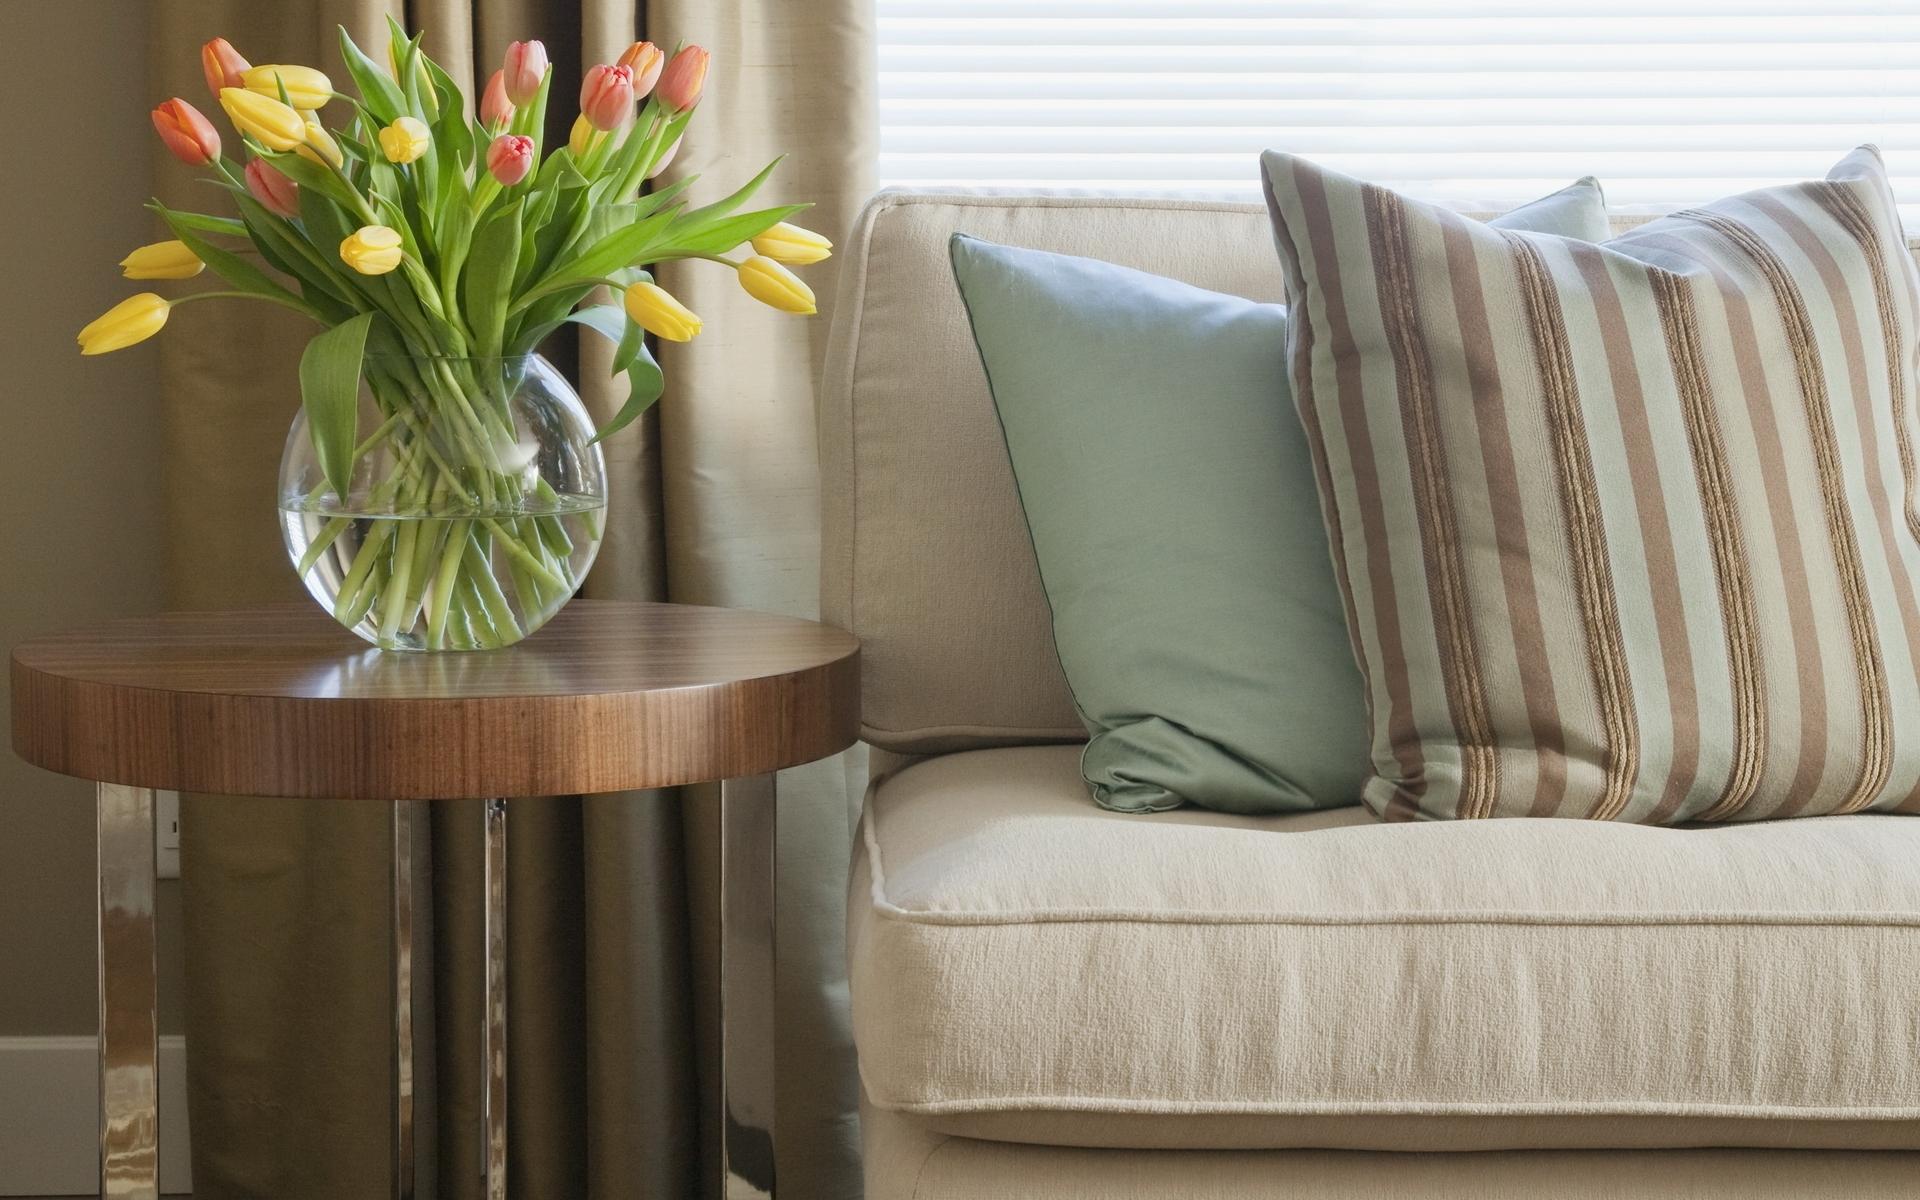 Blumen Zimmer Tulpen Tabelle Sessel Innenarchitektur Sofa Entwurf Vase  Möbel Textil  Kissen Streifen Wohnzimmer Bettdecke